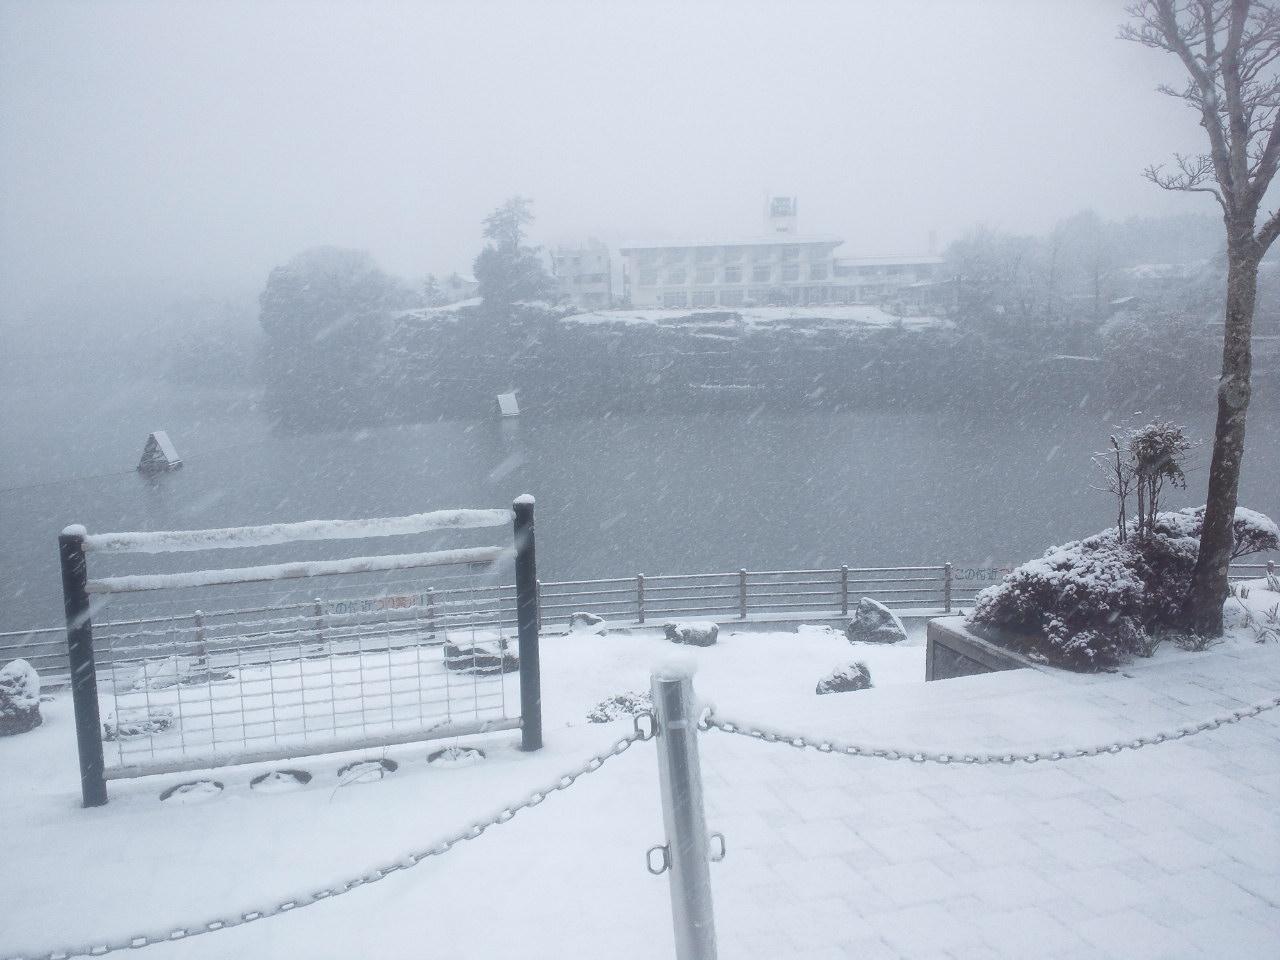 降雪コールドゲーム